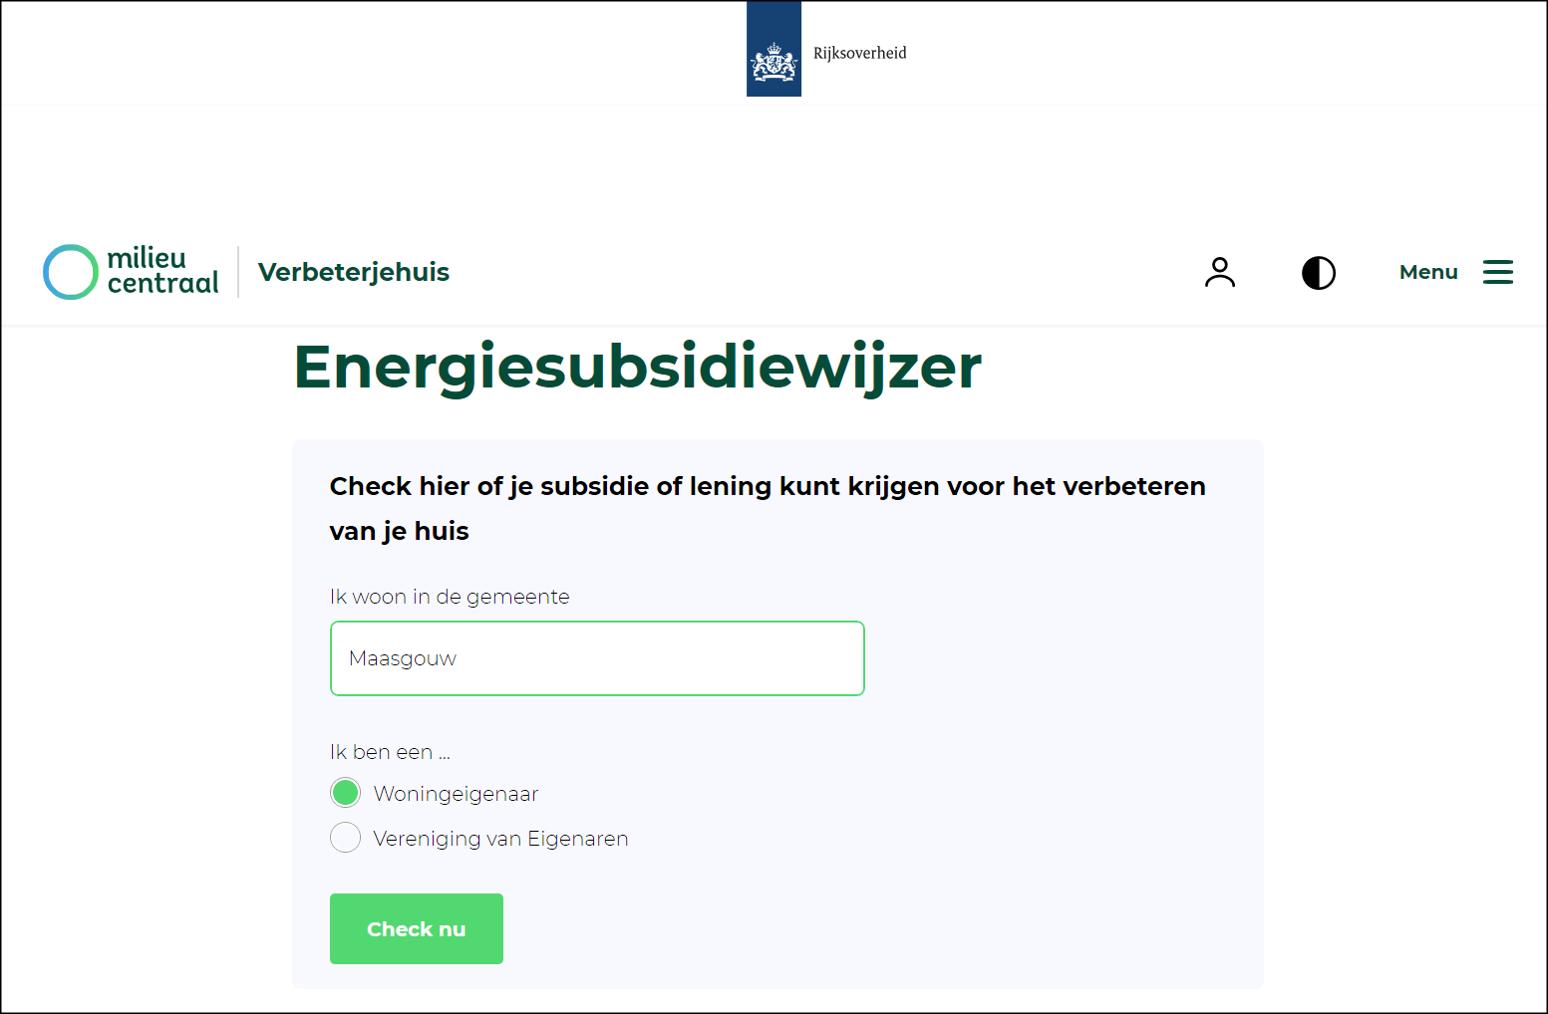 afbeelding website Milieu Centraal: Verbeterjehuis